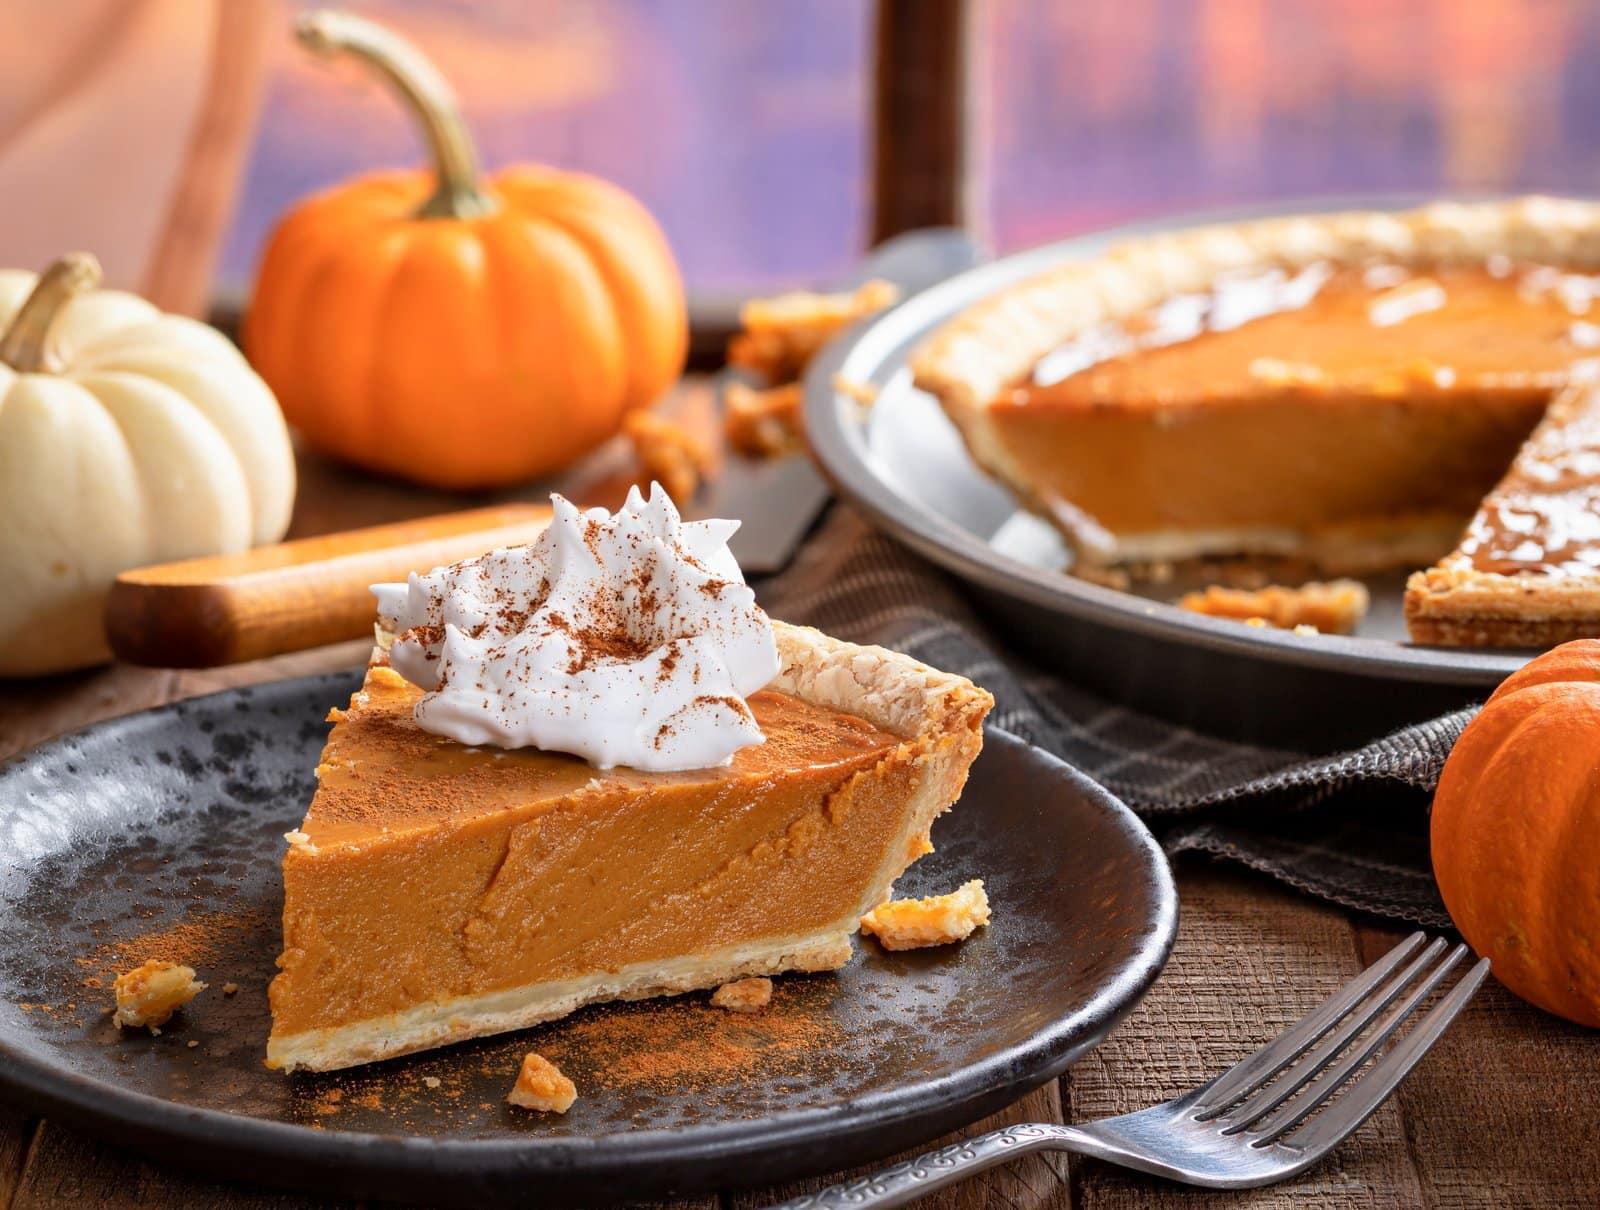 Carnation's famous pumpkin pie vintage recipe